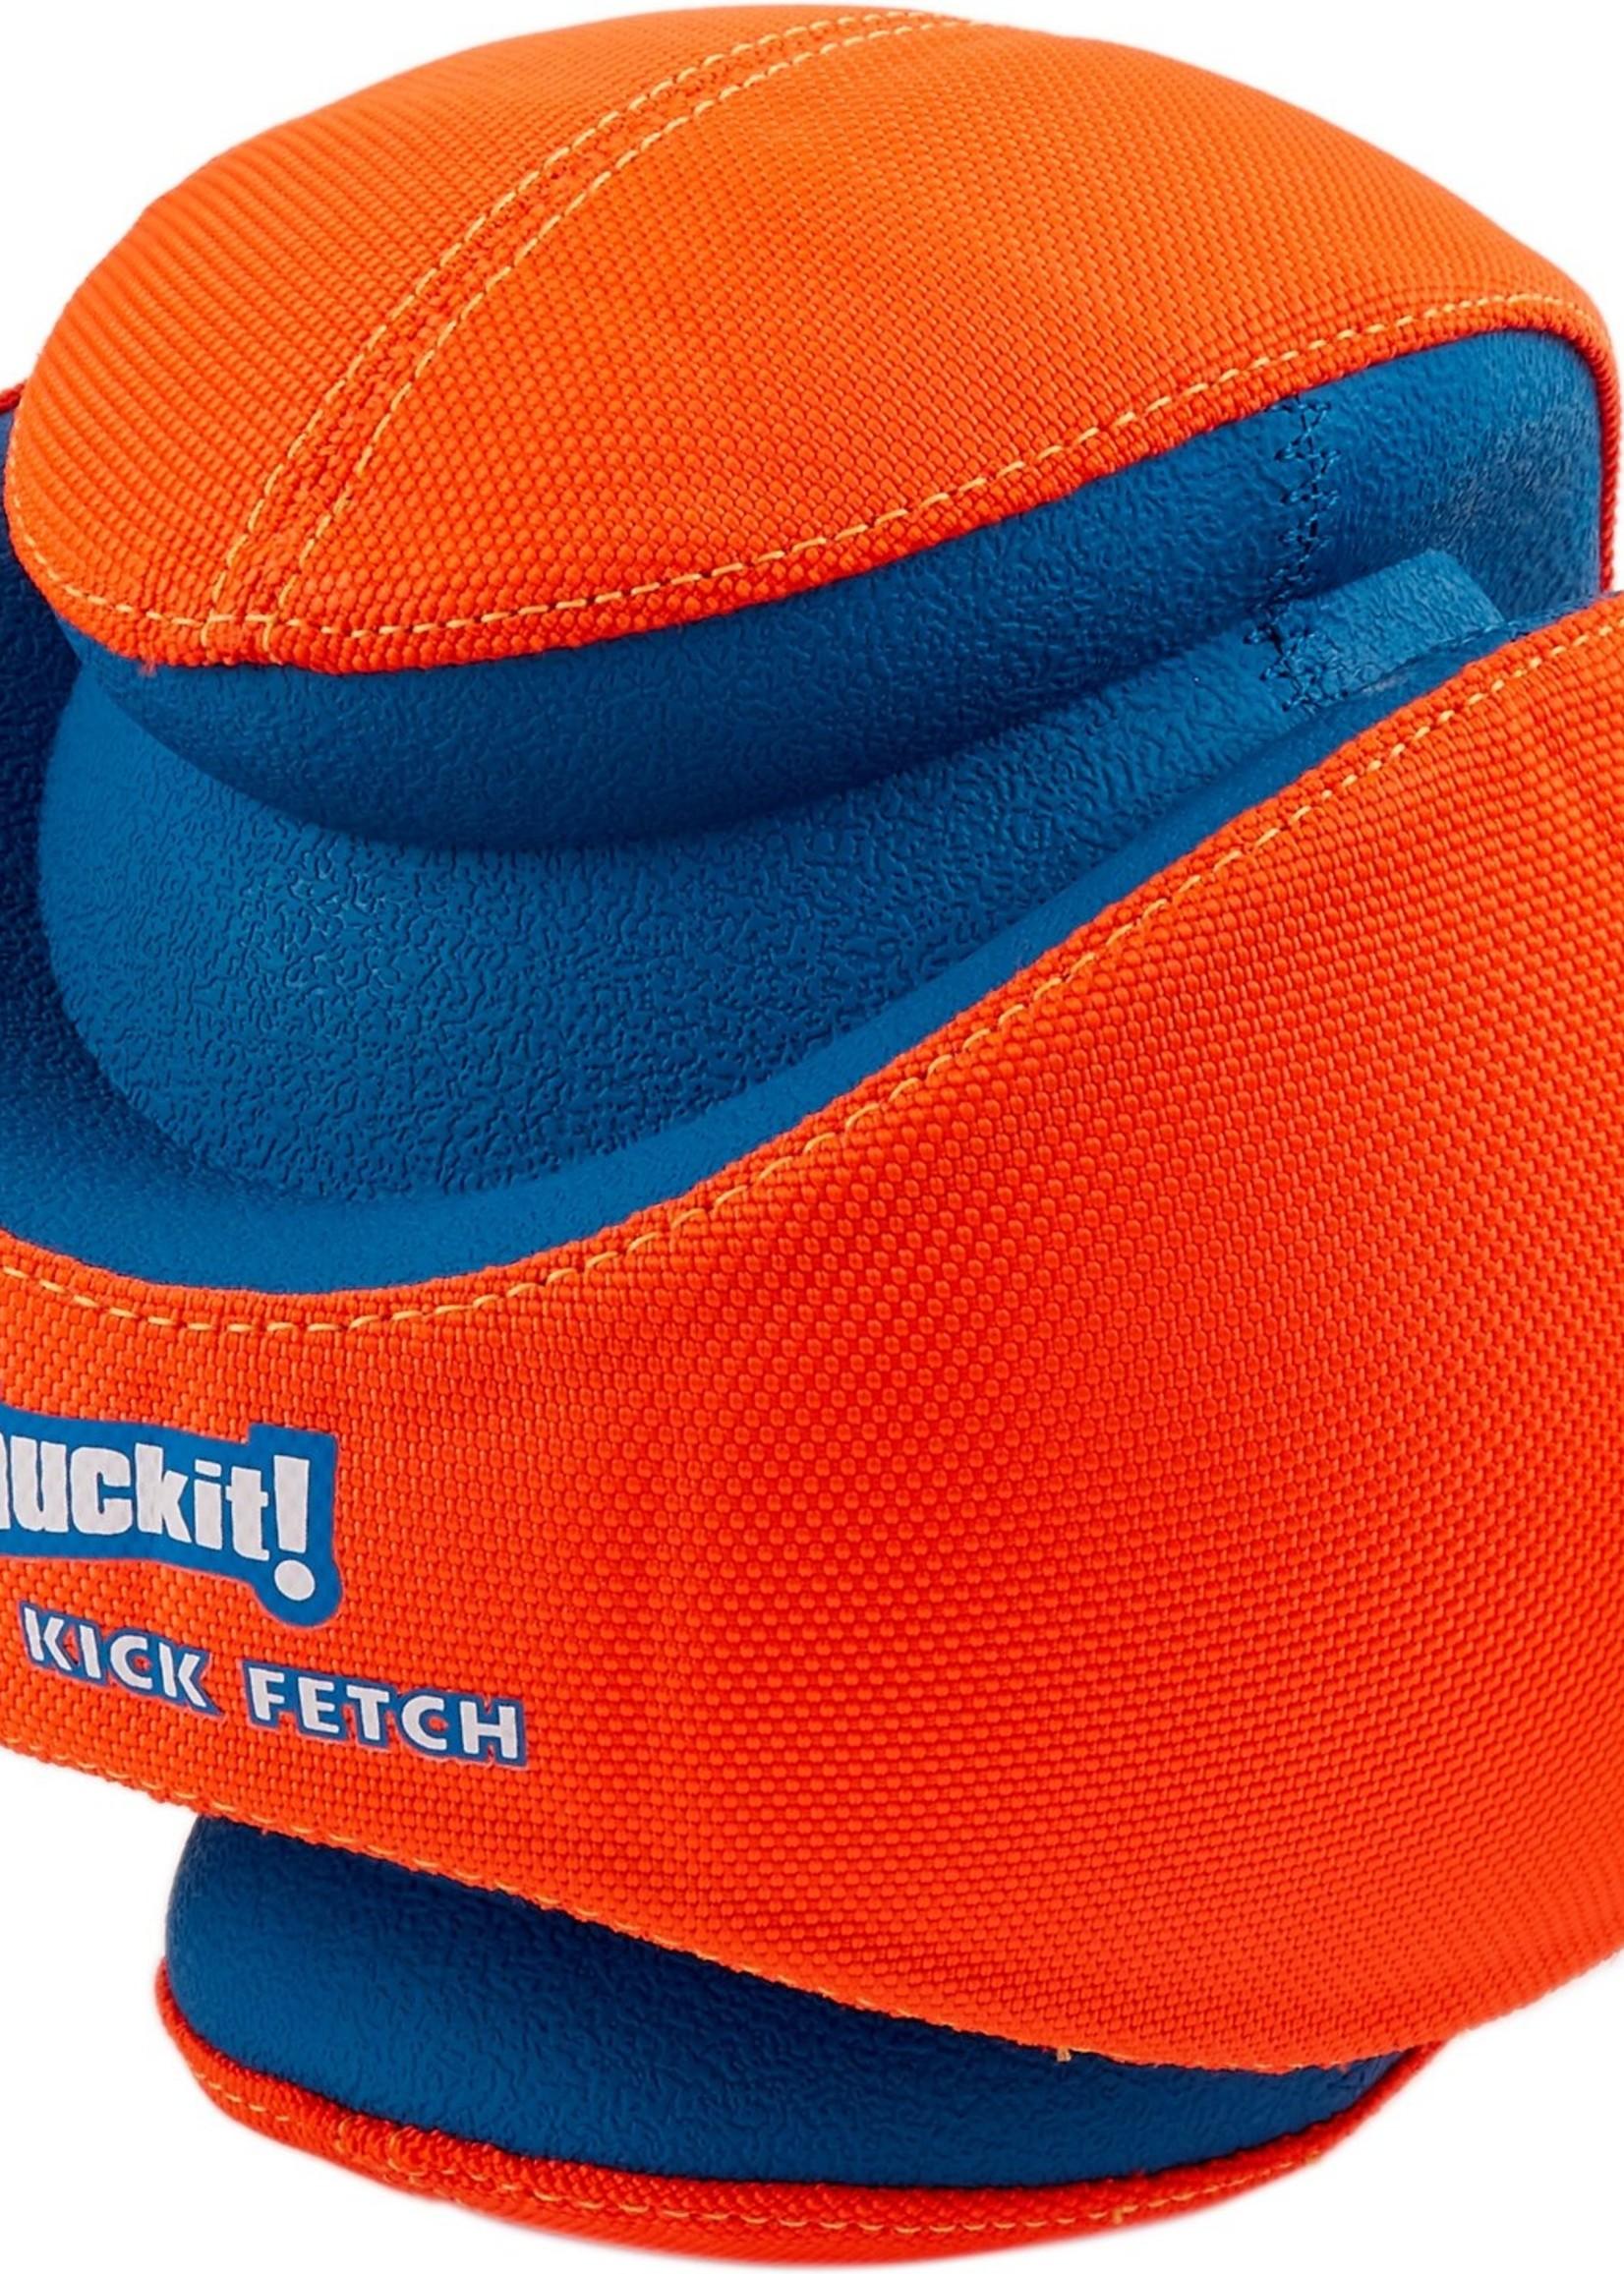 Chuckit! Chuckit! Fetch Ball Large Orange/Blue